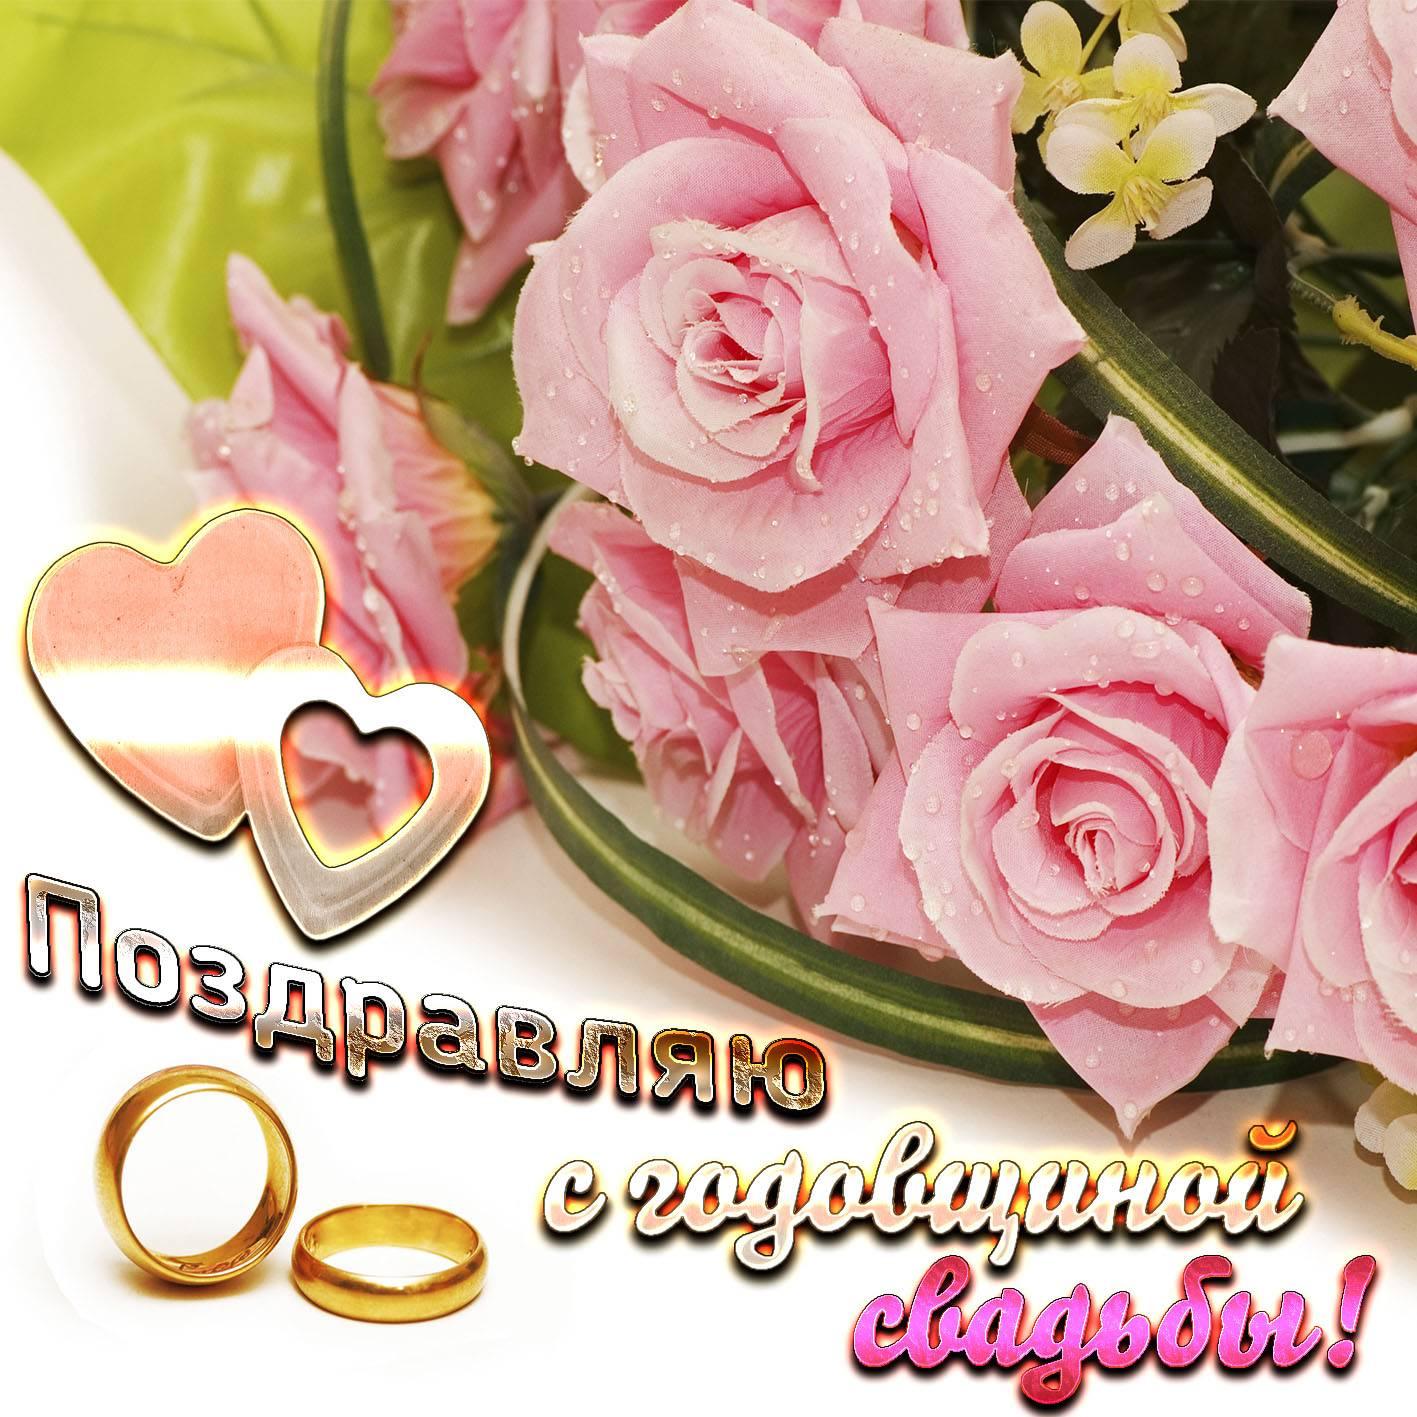 Что подарить на железную свадьбу 65 лет. железная свадьба: сколько лет, что подарить? годовщина свадьбы (65 лет совместной жизни): какая свадьба